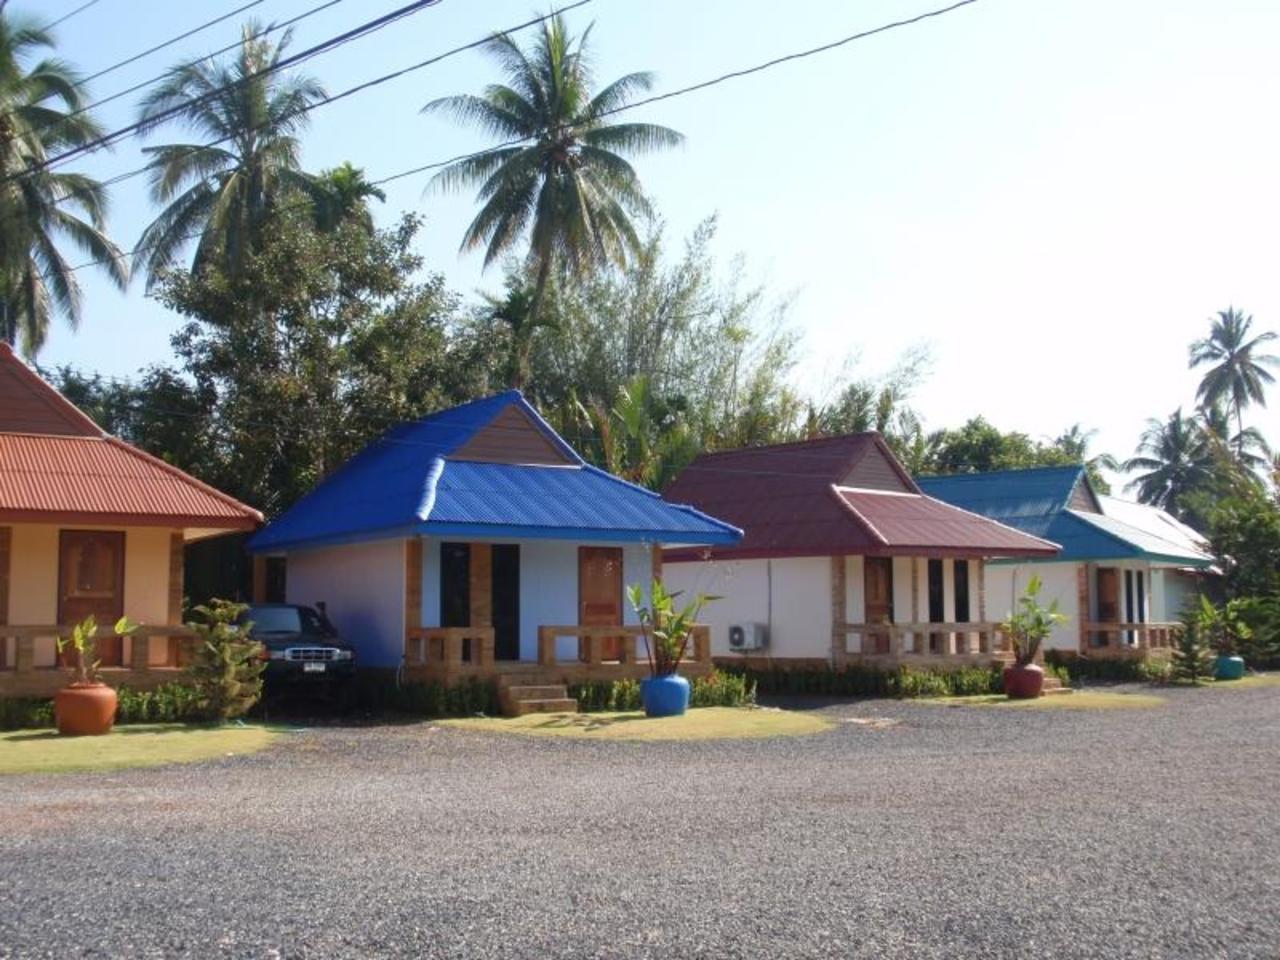 พร้อมตะวัน รีสอร์ท (Promtawan Resort)